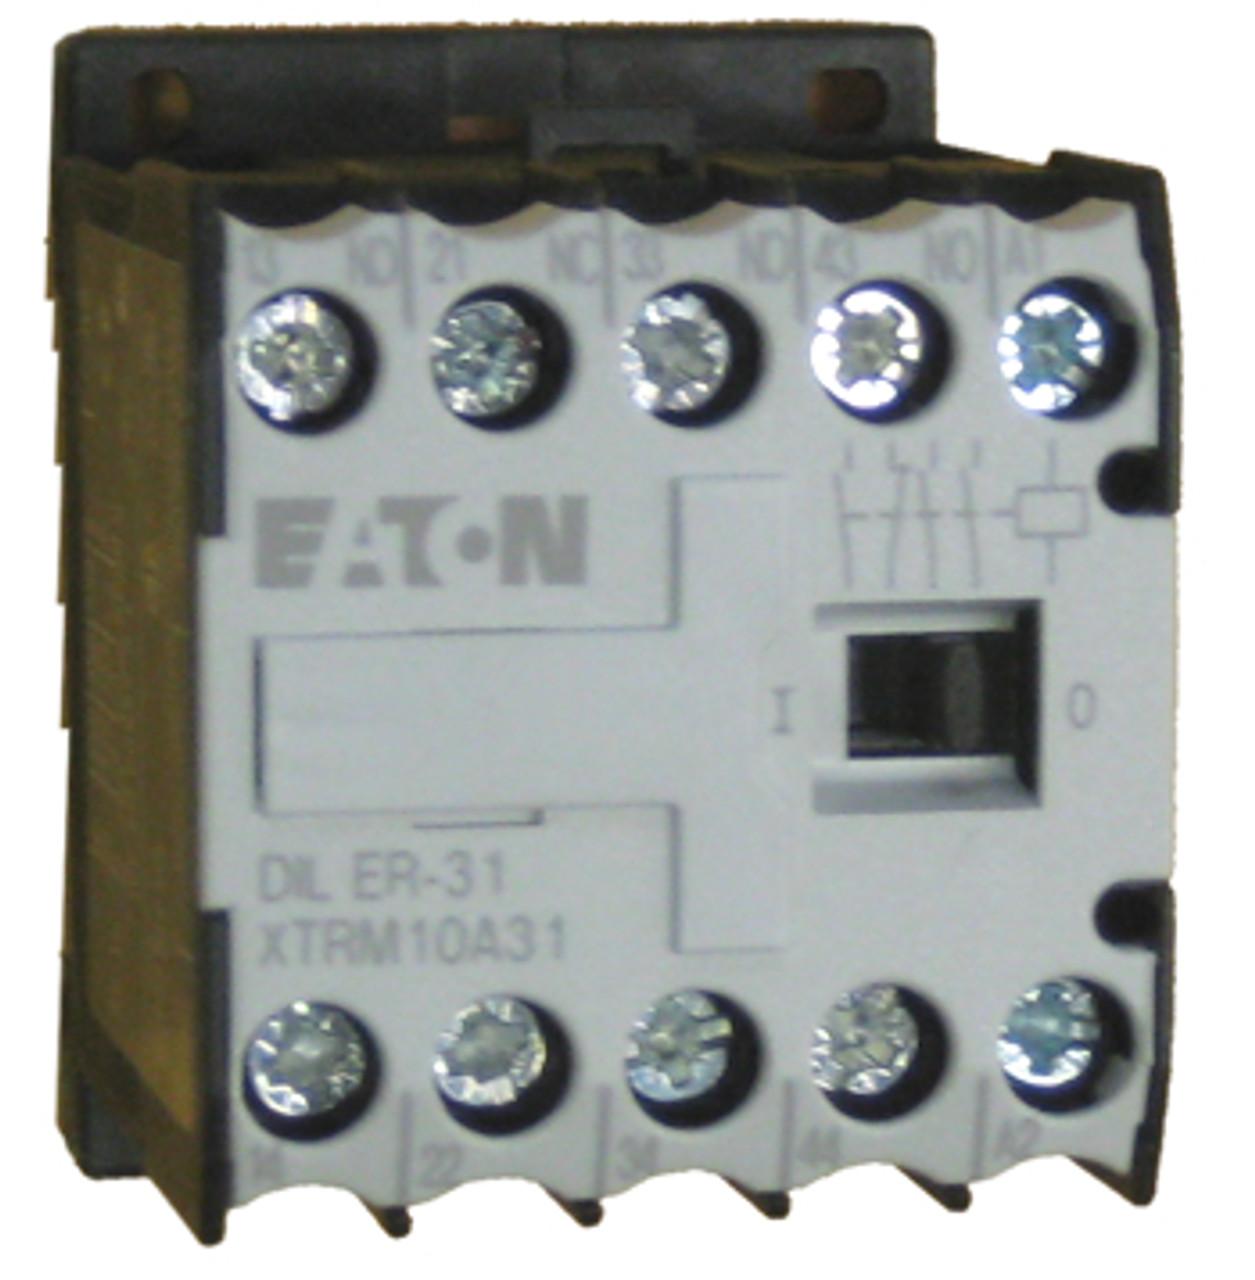 Eaton/Moeller DILER-31-G (110vDC) relay